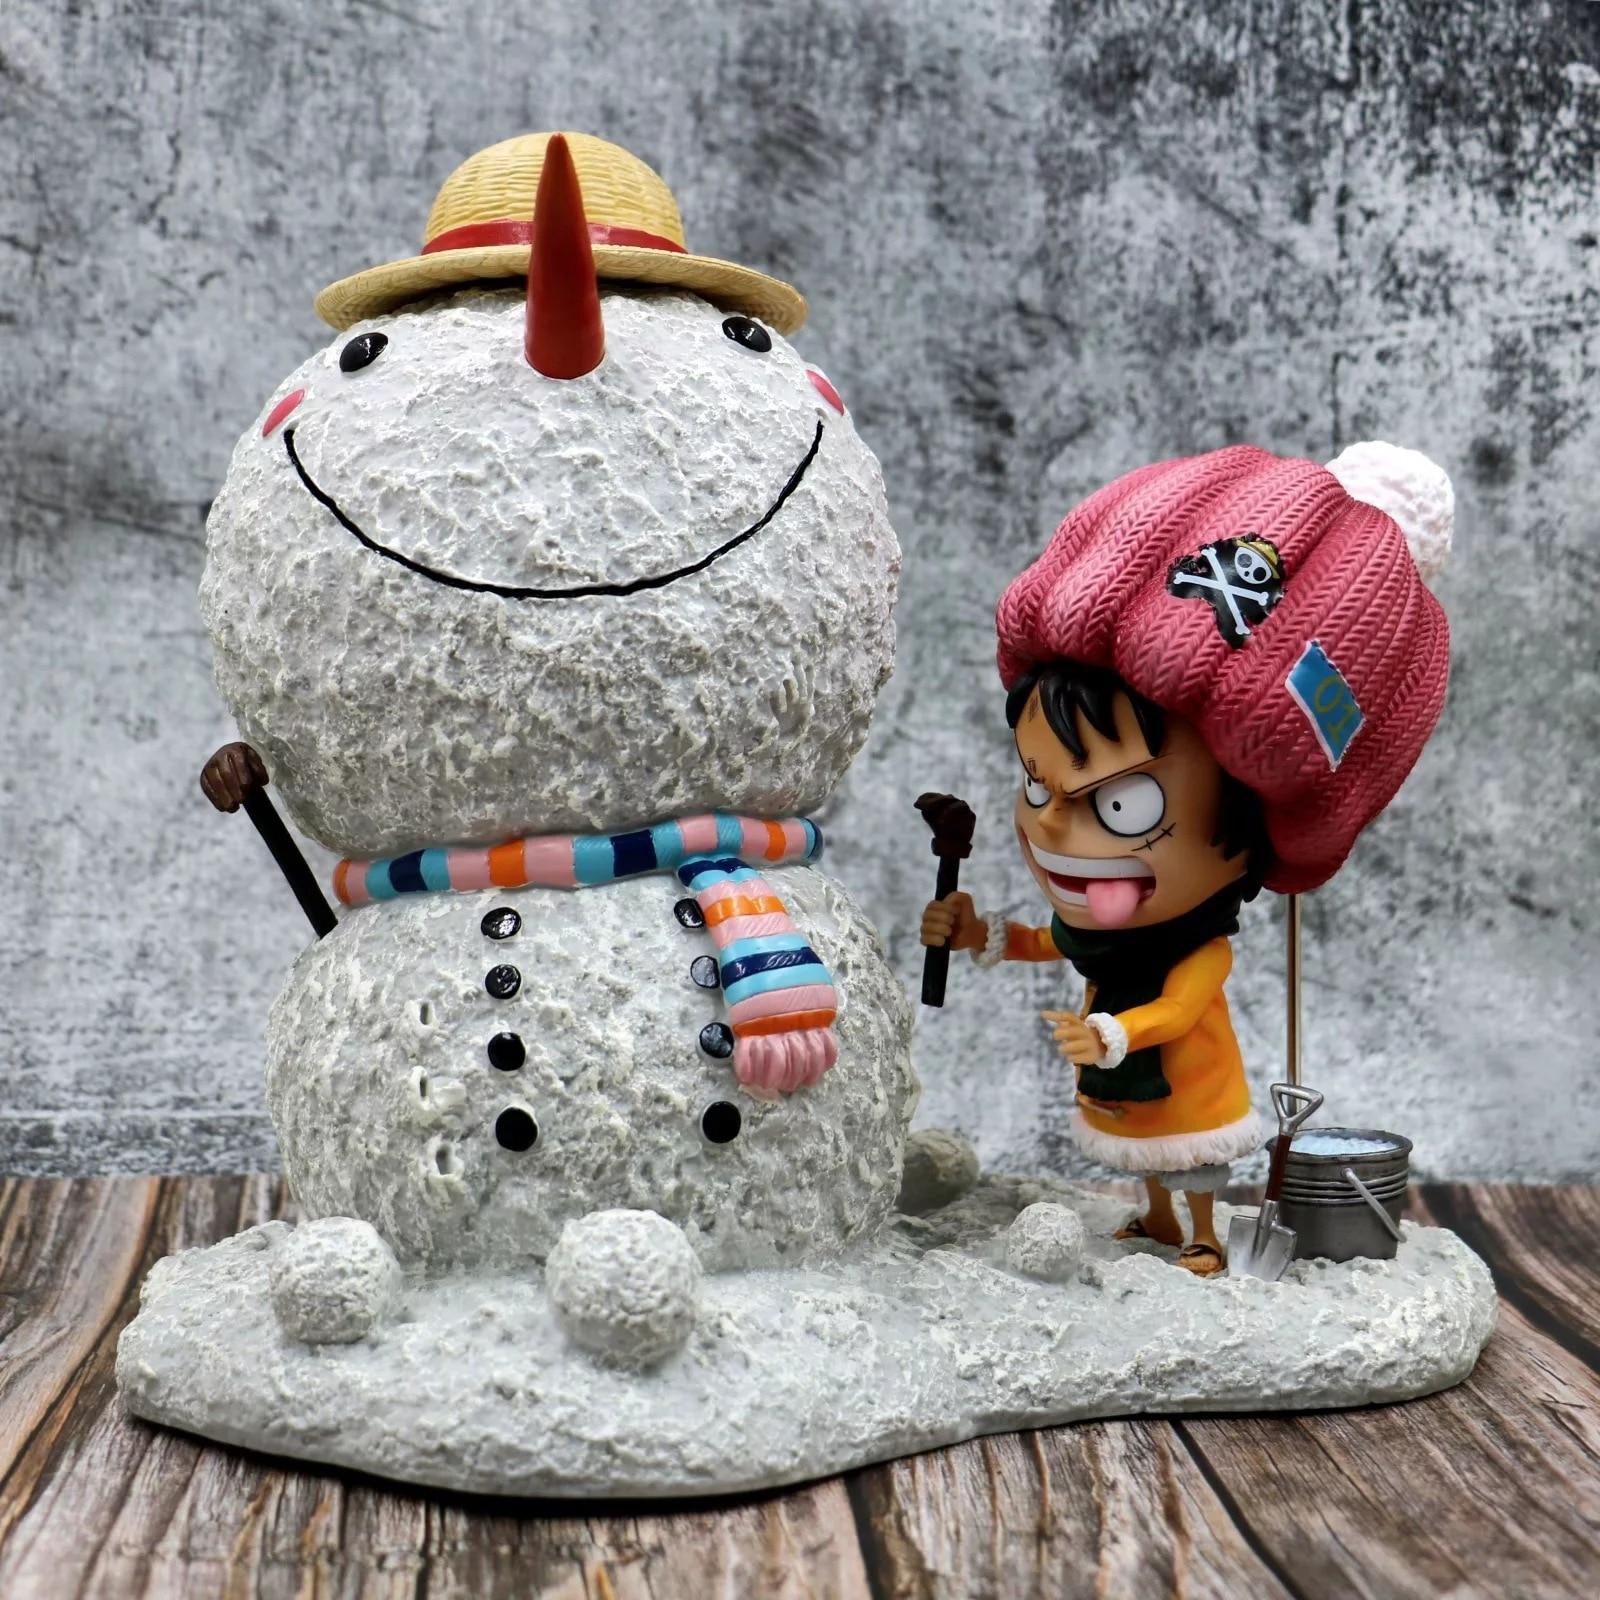 Anime Figuur 28cm Een Stuk De straw hat Pirates Sneeuw Aap D Luffy sneeuwpop showhand PVC Action Figure Speelgoed collectible Model